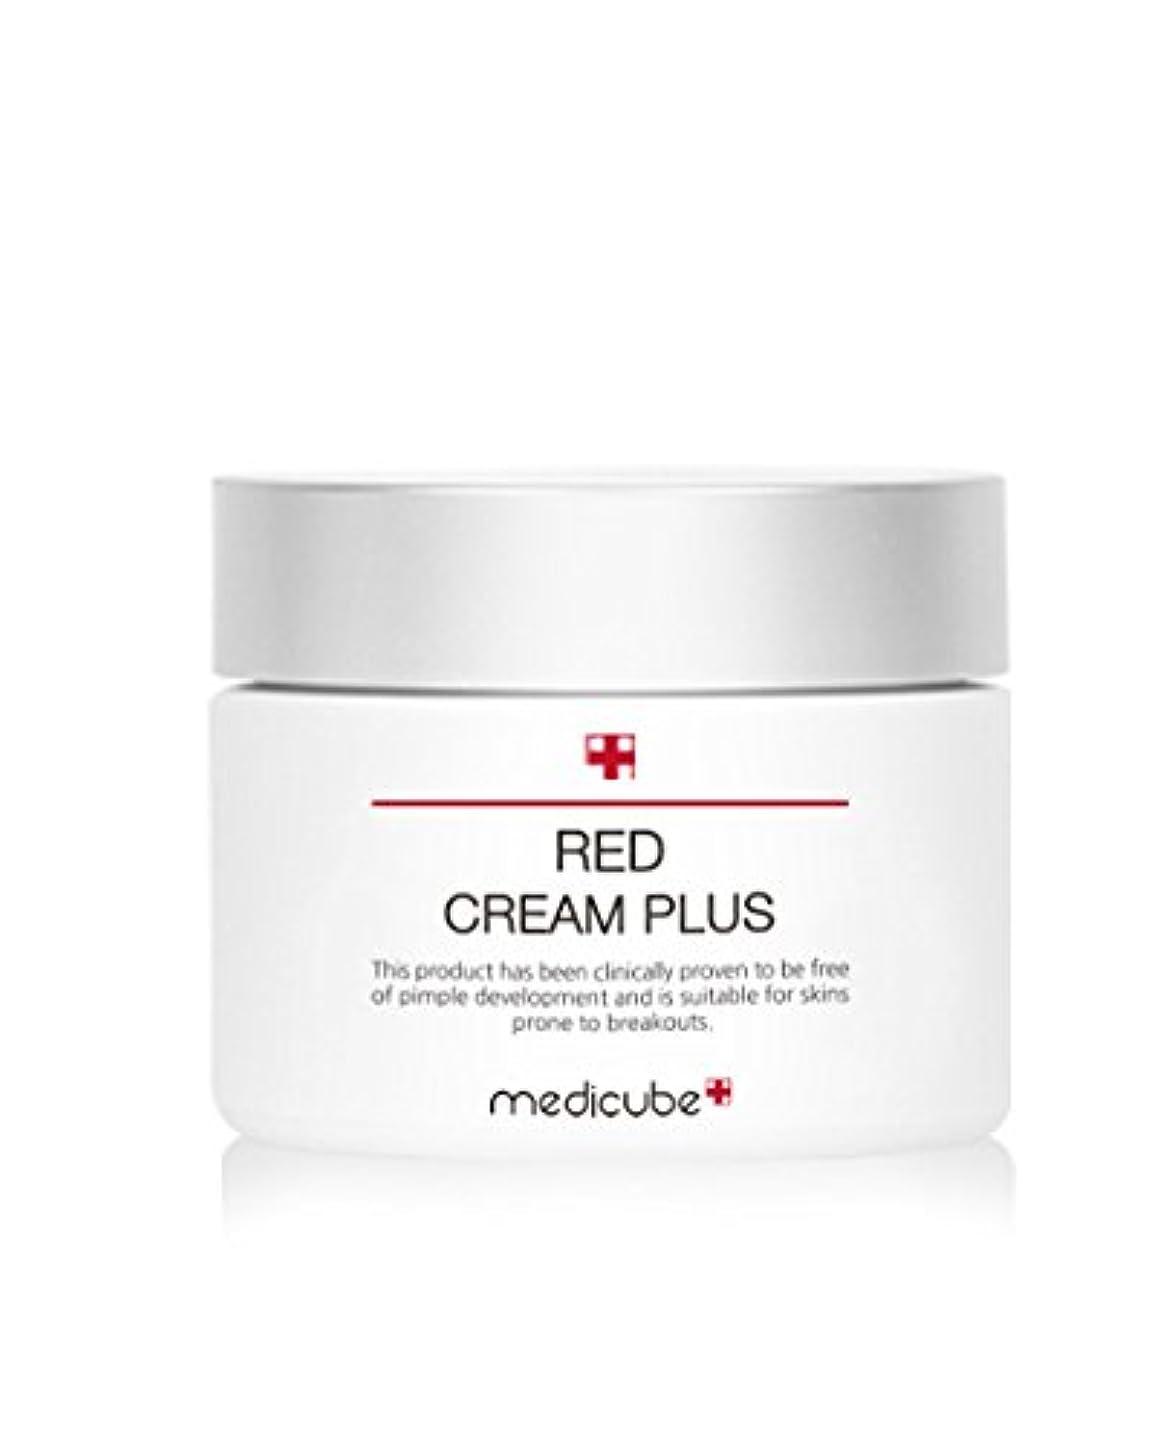 彫刻アプライアンス寺院[Medicube]メディキューブ レッド クリーム プラス 大容量 100ml / Medicube Red Cream Plus 100ml [並行輸入品]